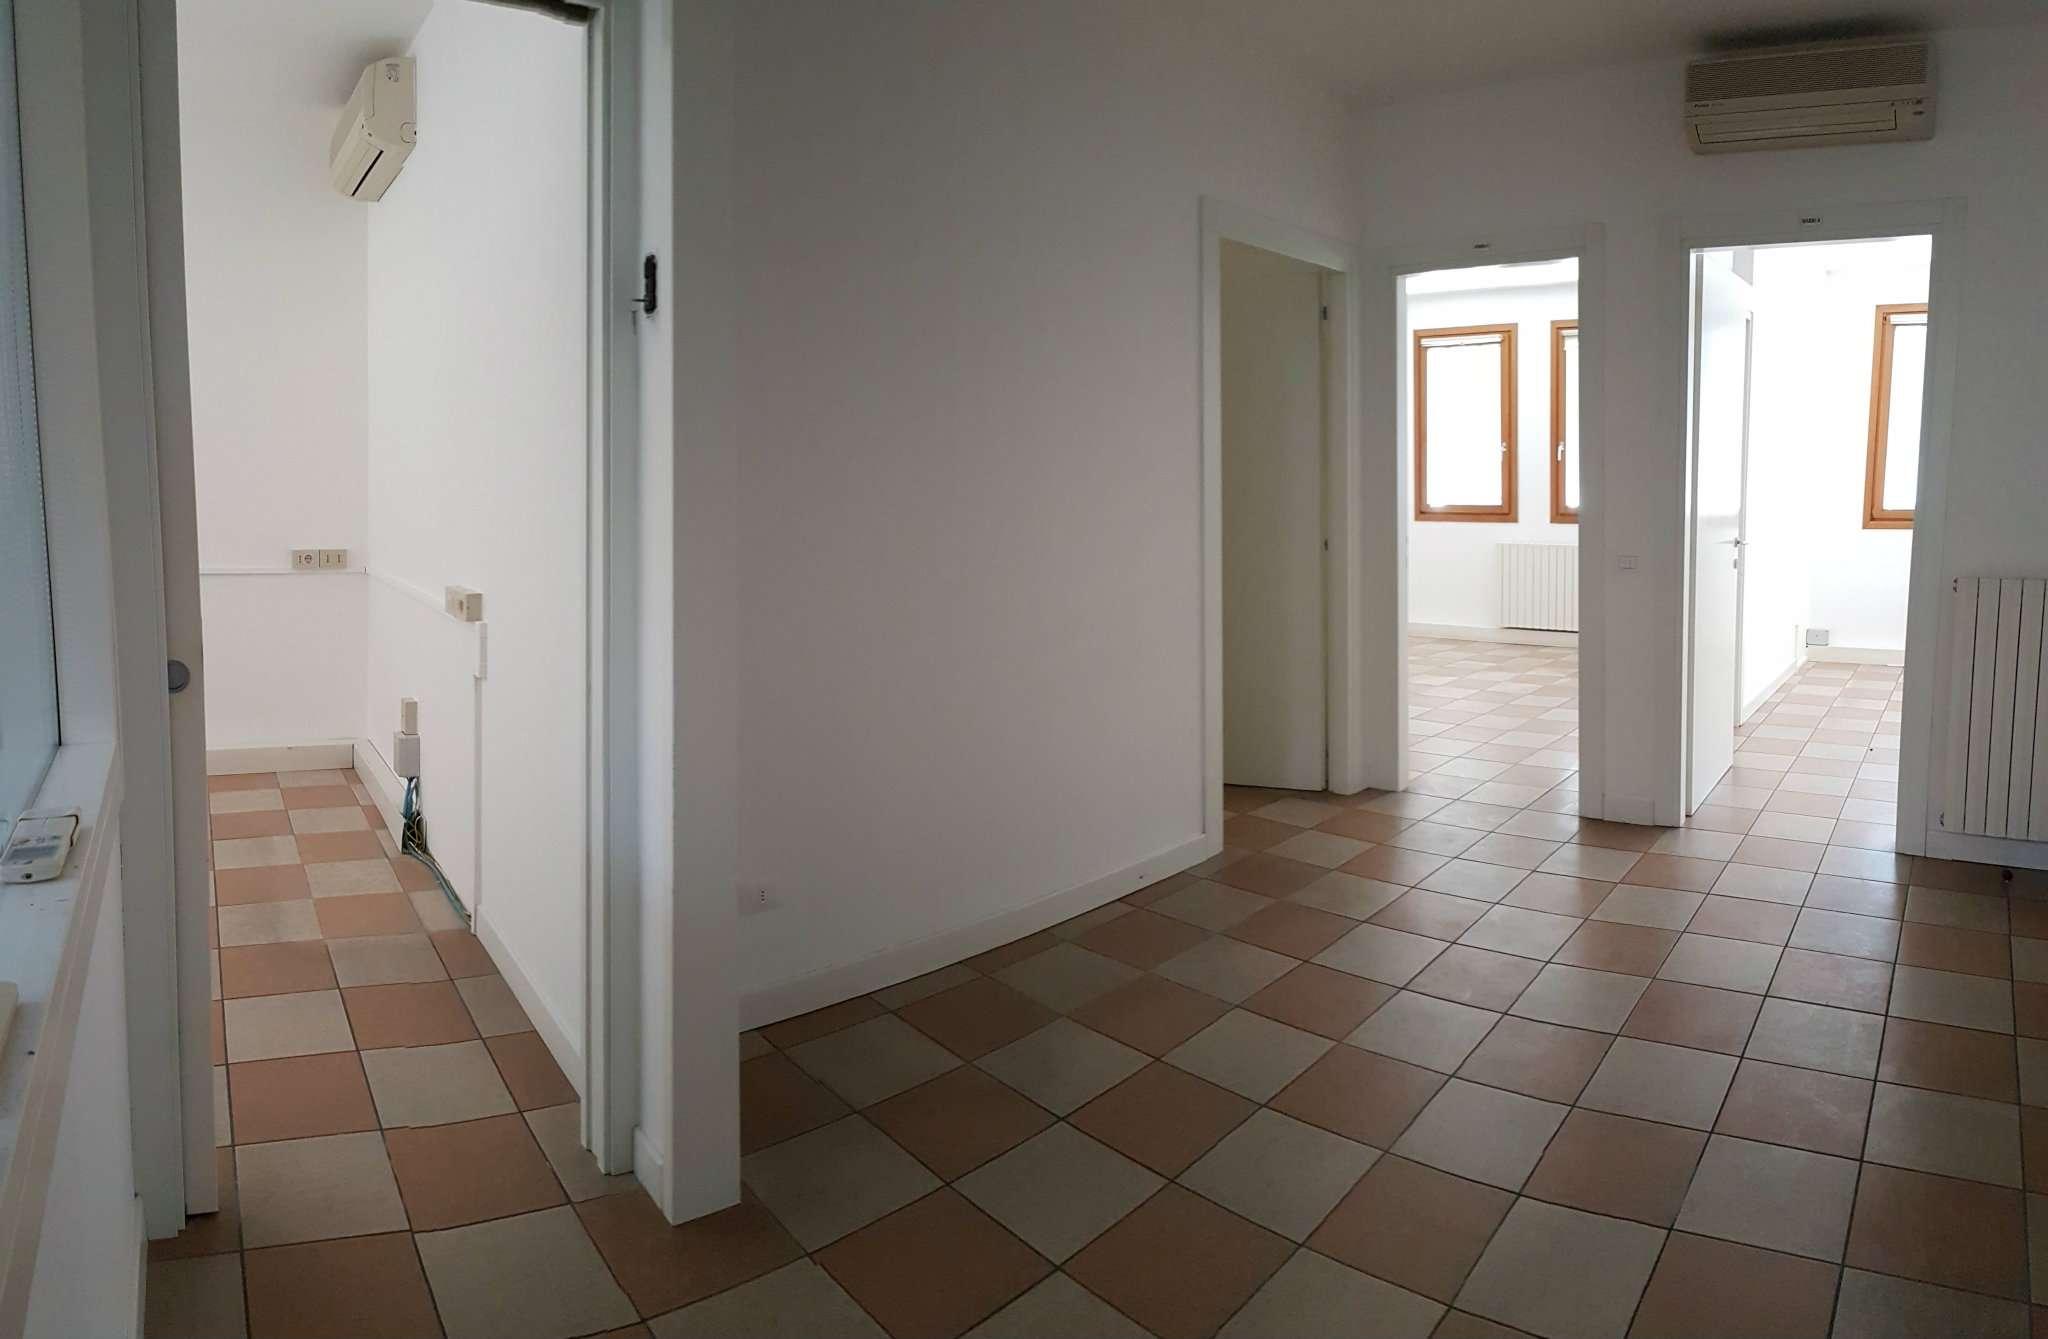 Ufficio / Studio in affitto a Mirano, 9999 locali, prezzo € 800 | CambioCasa.it